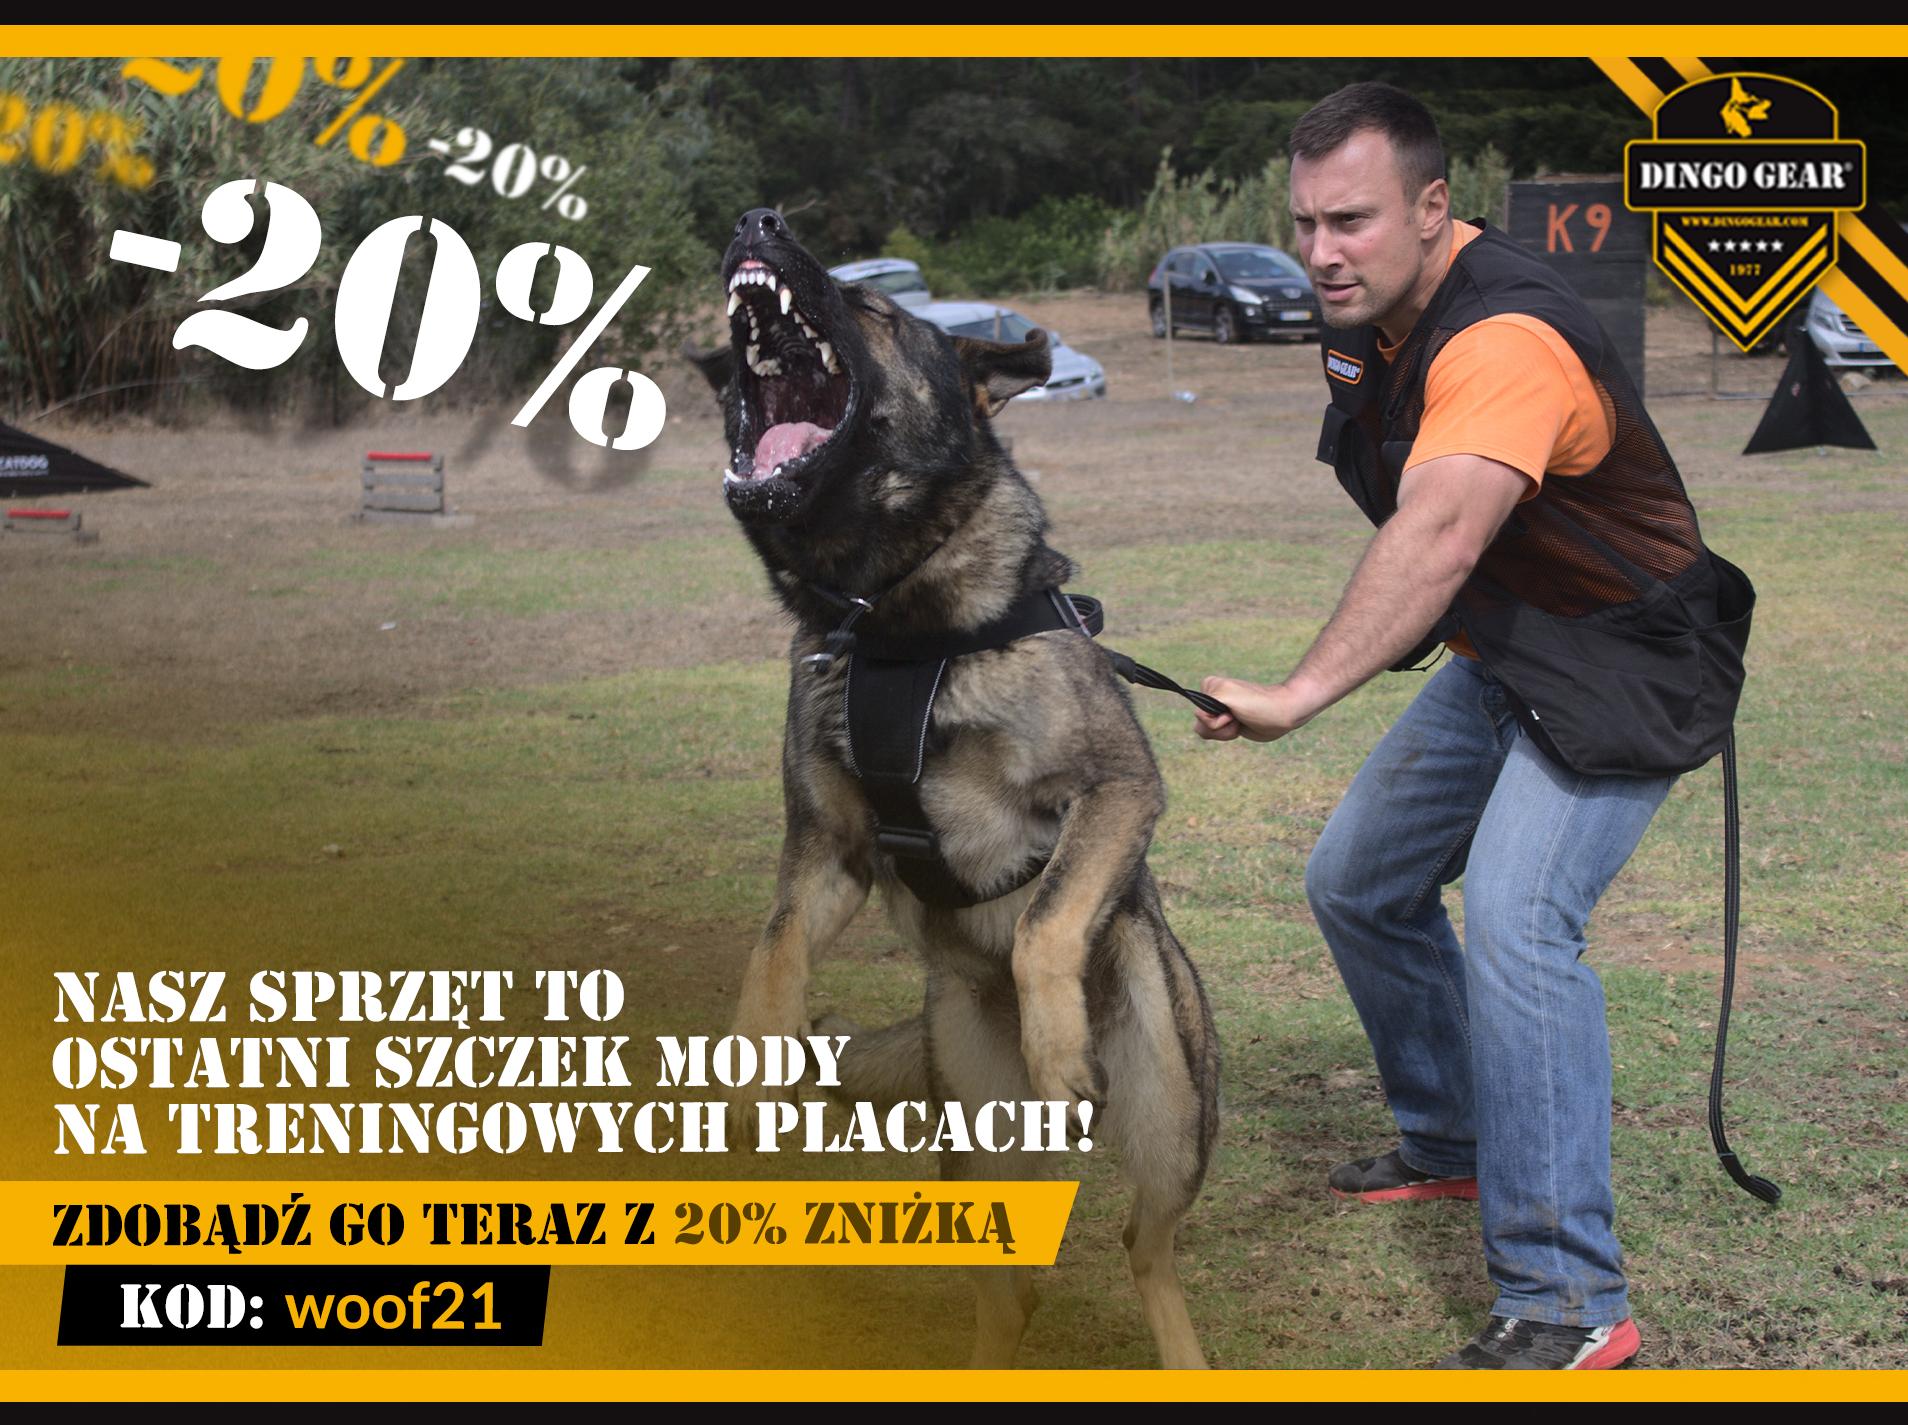 Testuj profesjonalny sprzęt do szkolenia psów